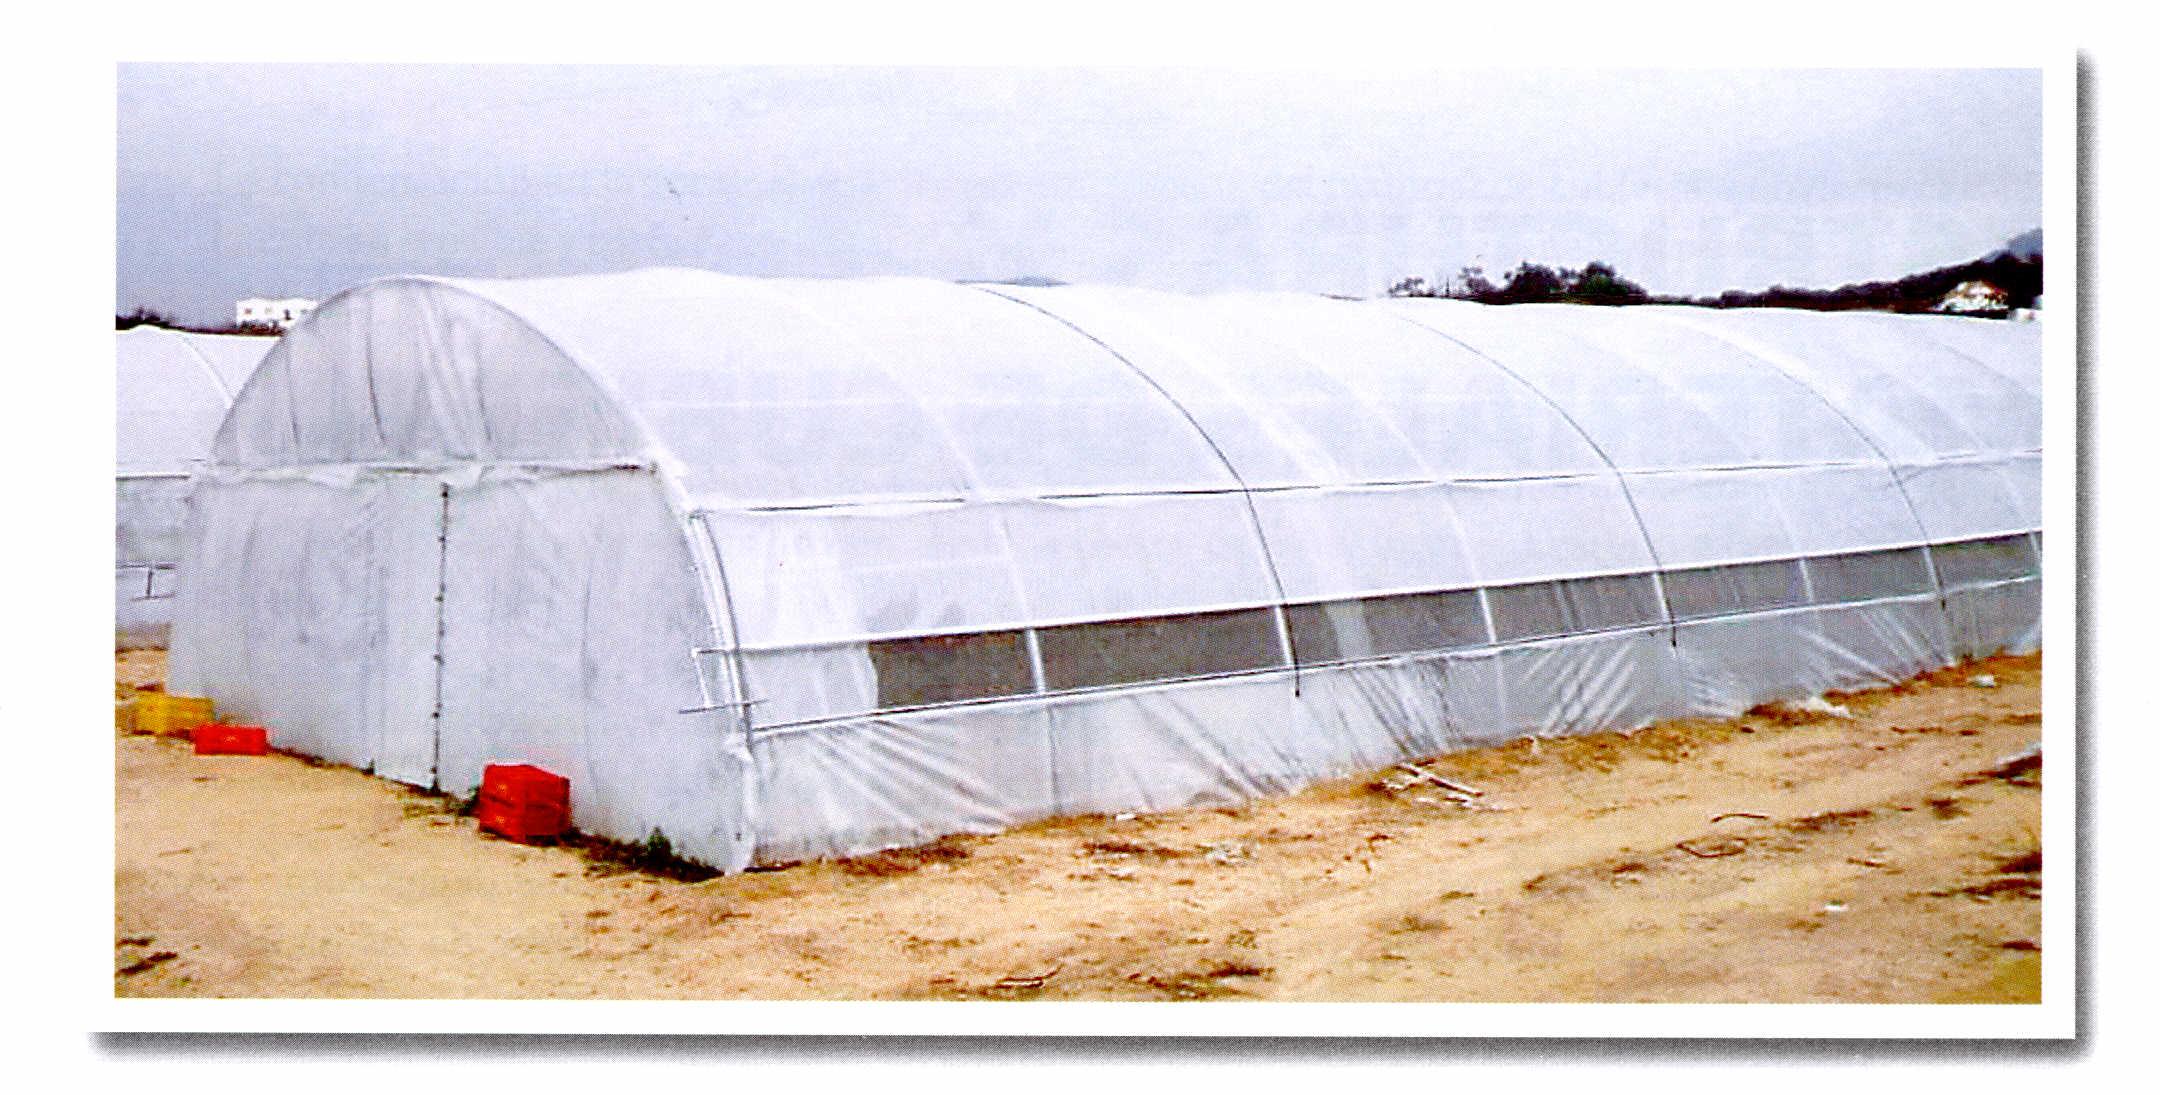 Curso de cultivos protegidos for Construccion de viveros e invernaderos